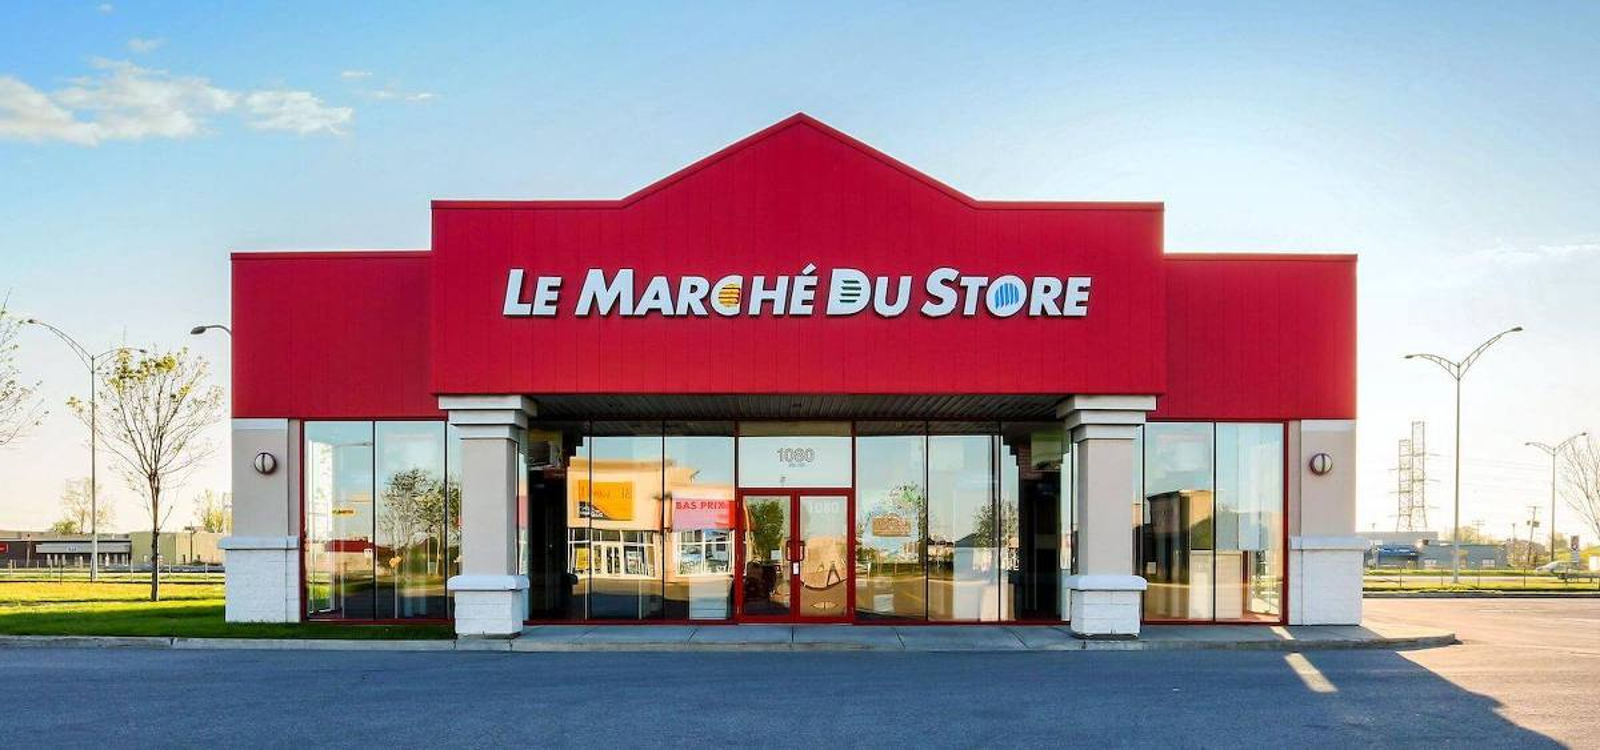 Devanture d'un magasin Le Marché du Store